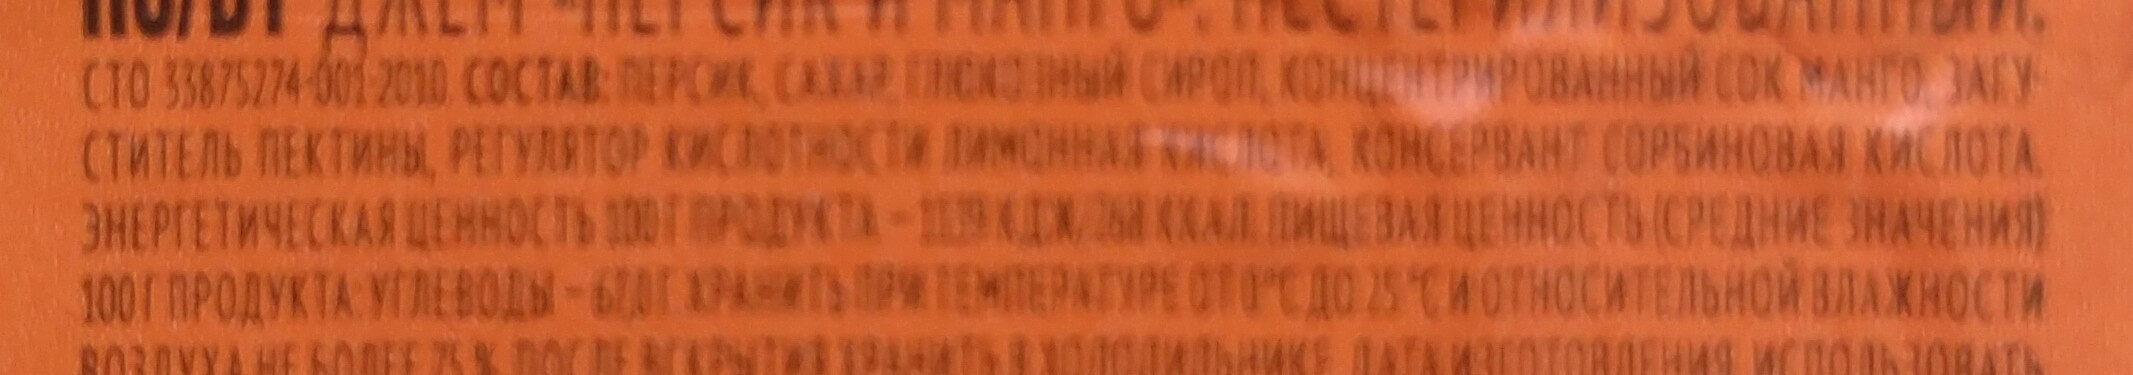 Джем персик-манго - Ingrediënten - ru